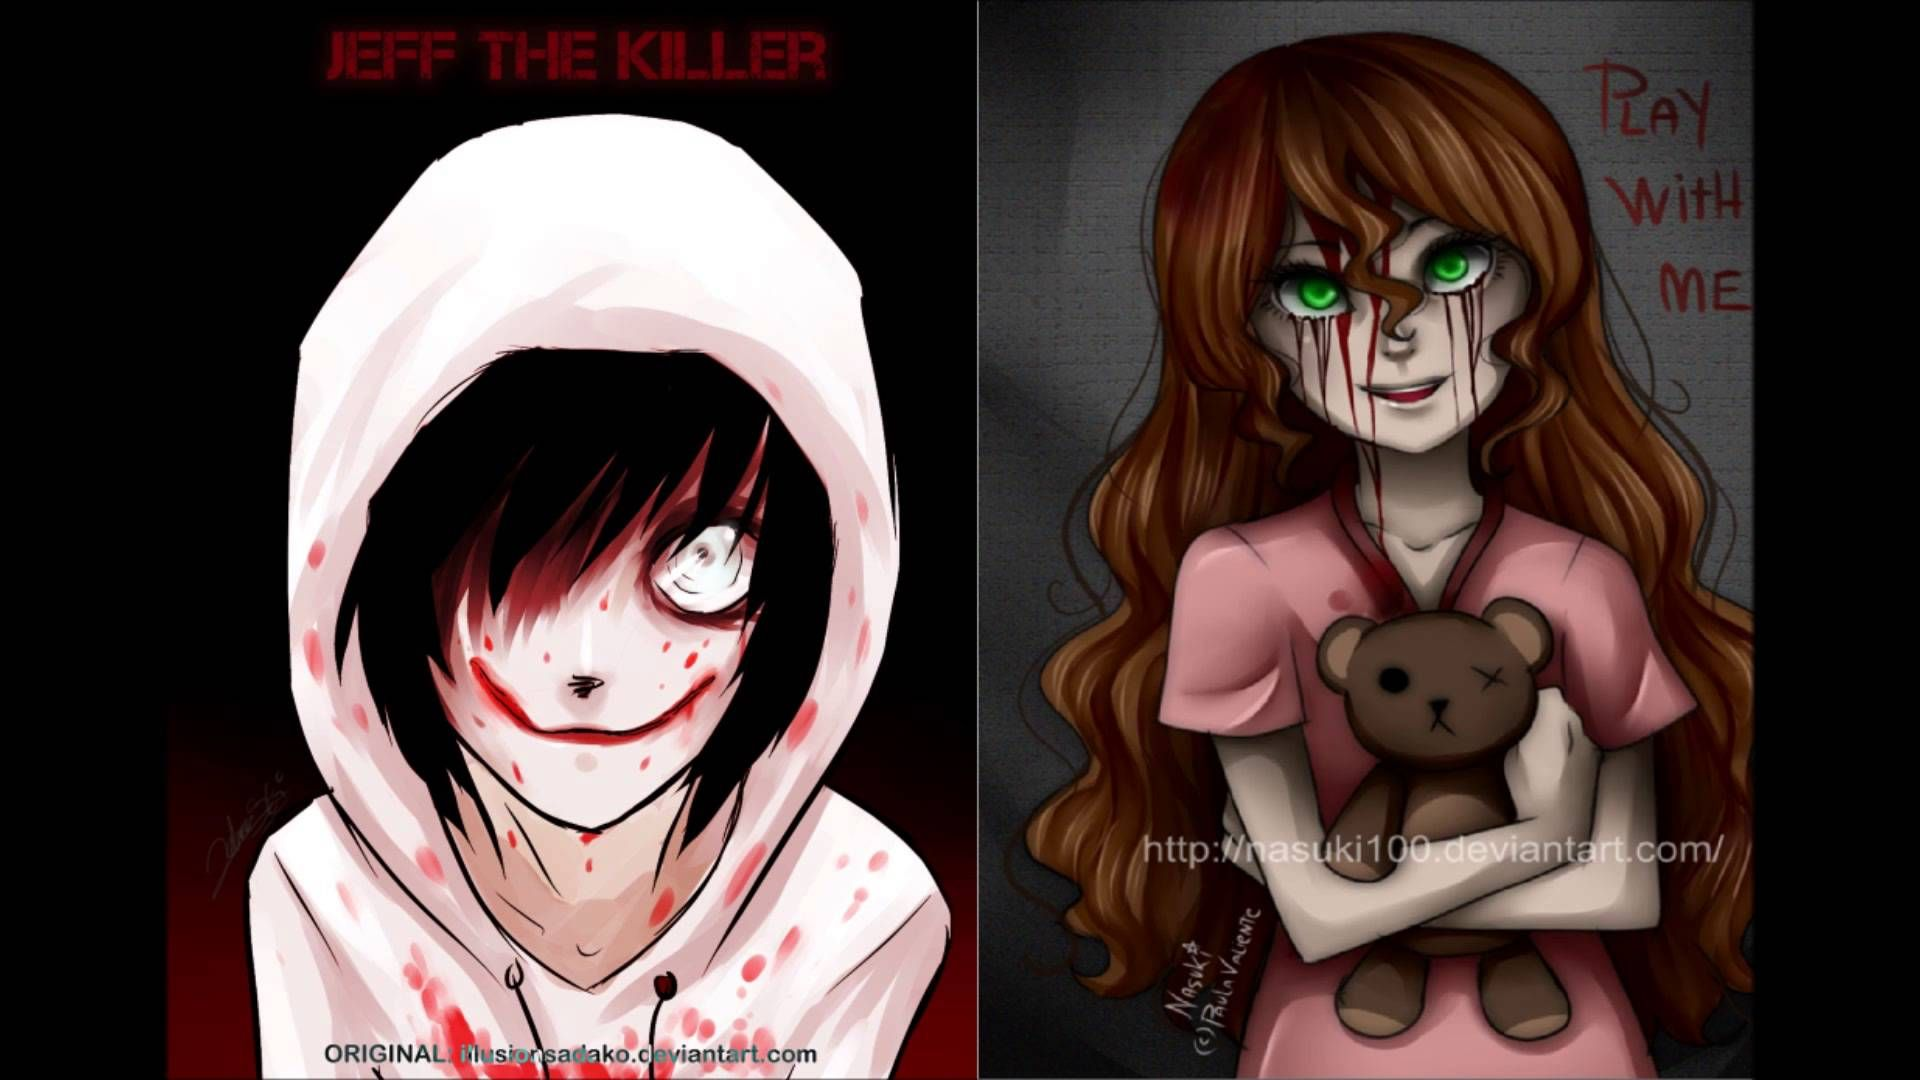 Killer Sally Creepypasta X Jeff